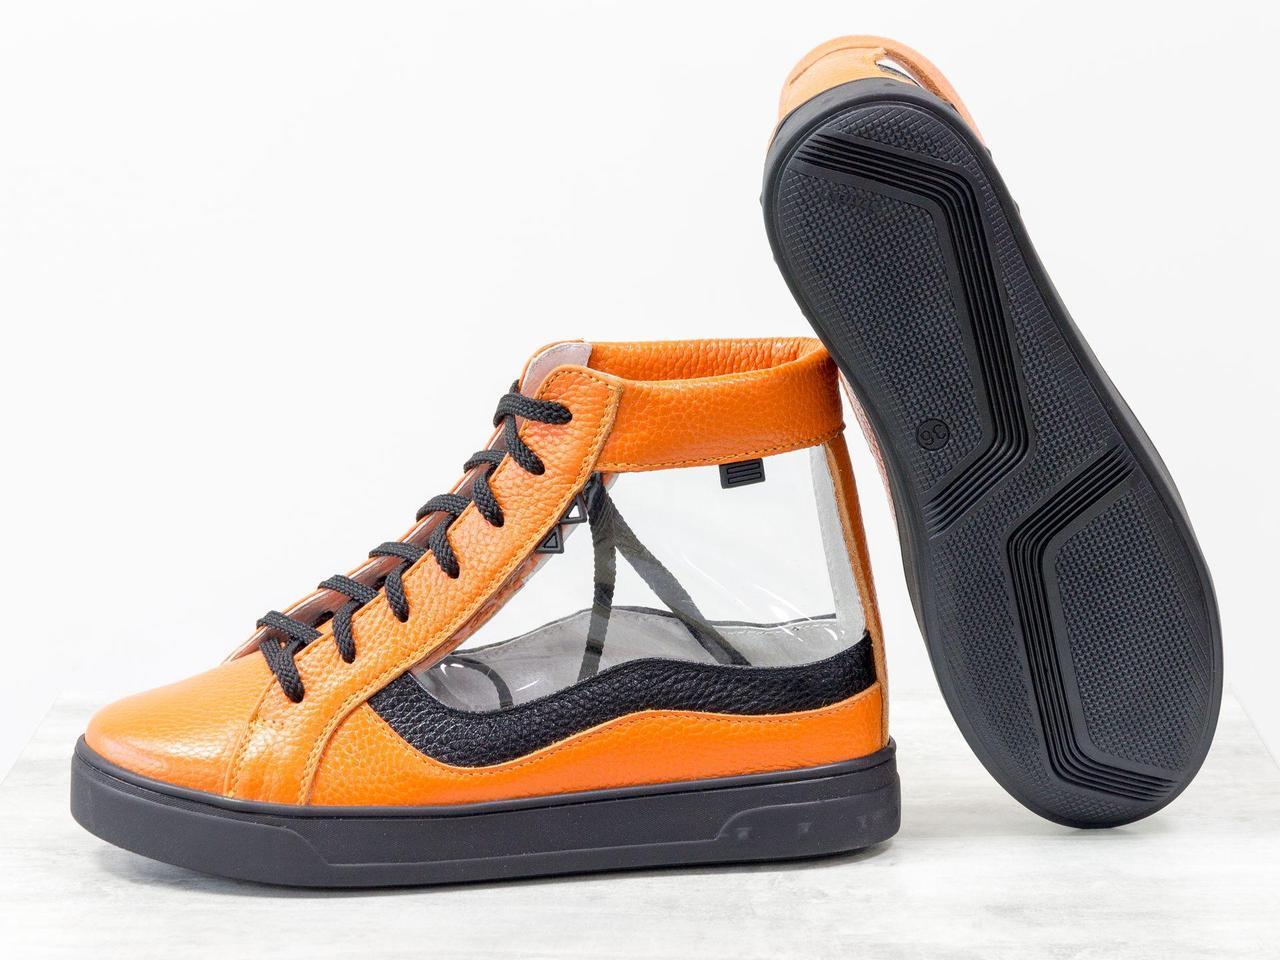 Кеды на шнуровке из натуральной кожи флотар оранжевого и черного цвета со вставками из мягкого силикона